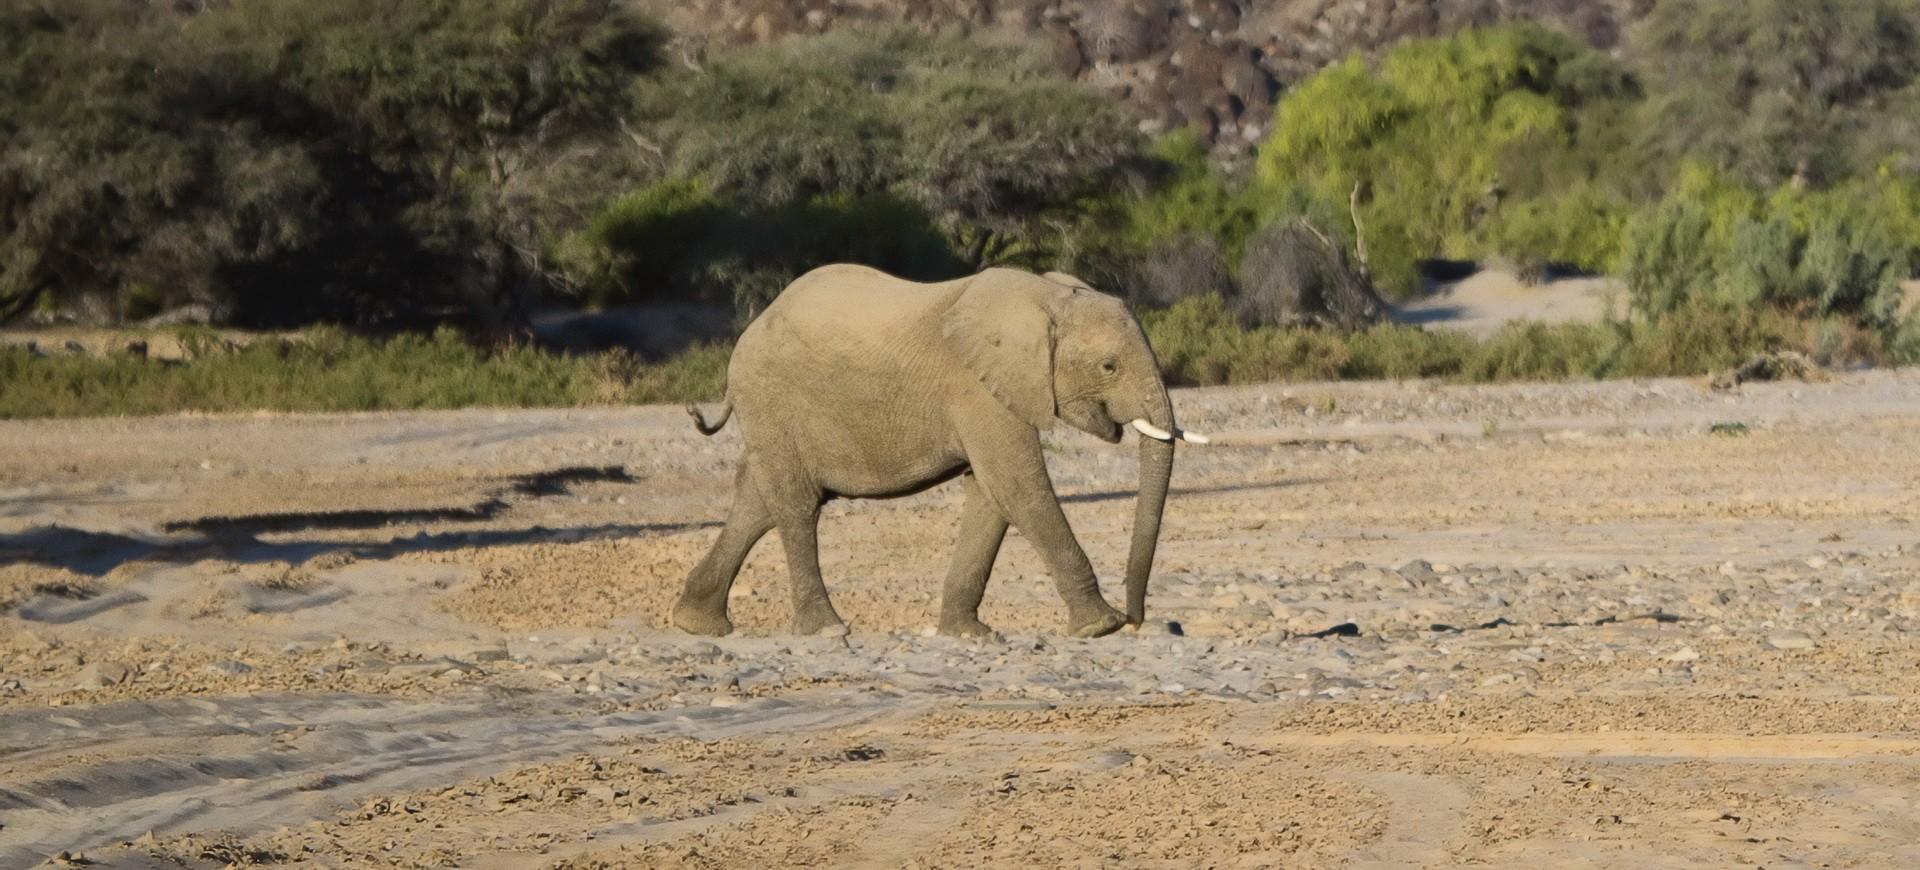 Namibie Damaraland Kunene Eléphants sauvages du désert